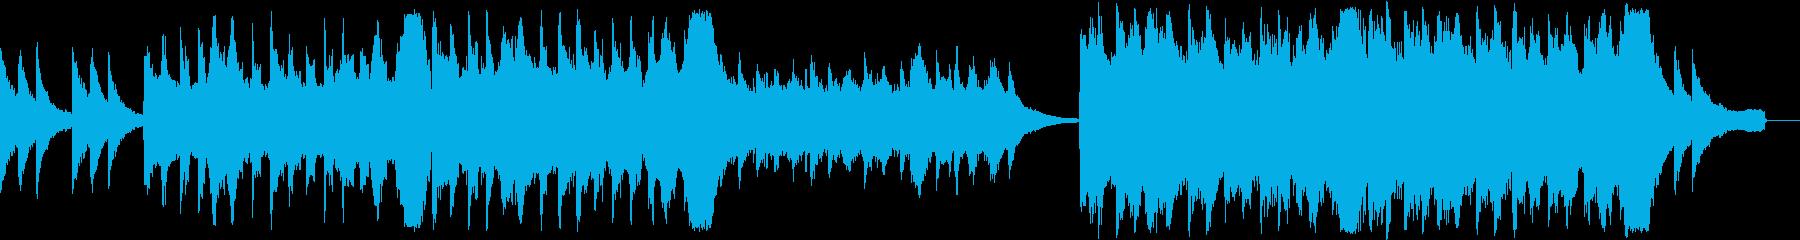 ピアノとストリングスやテクスチャーの再生済みの波形